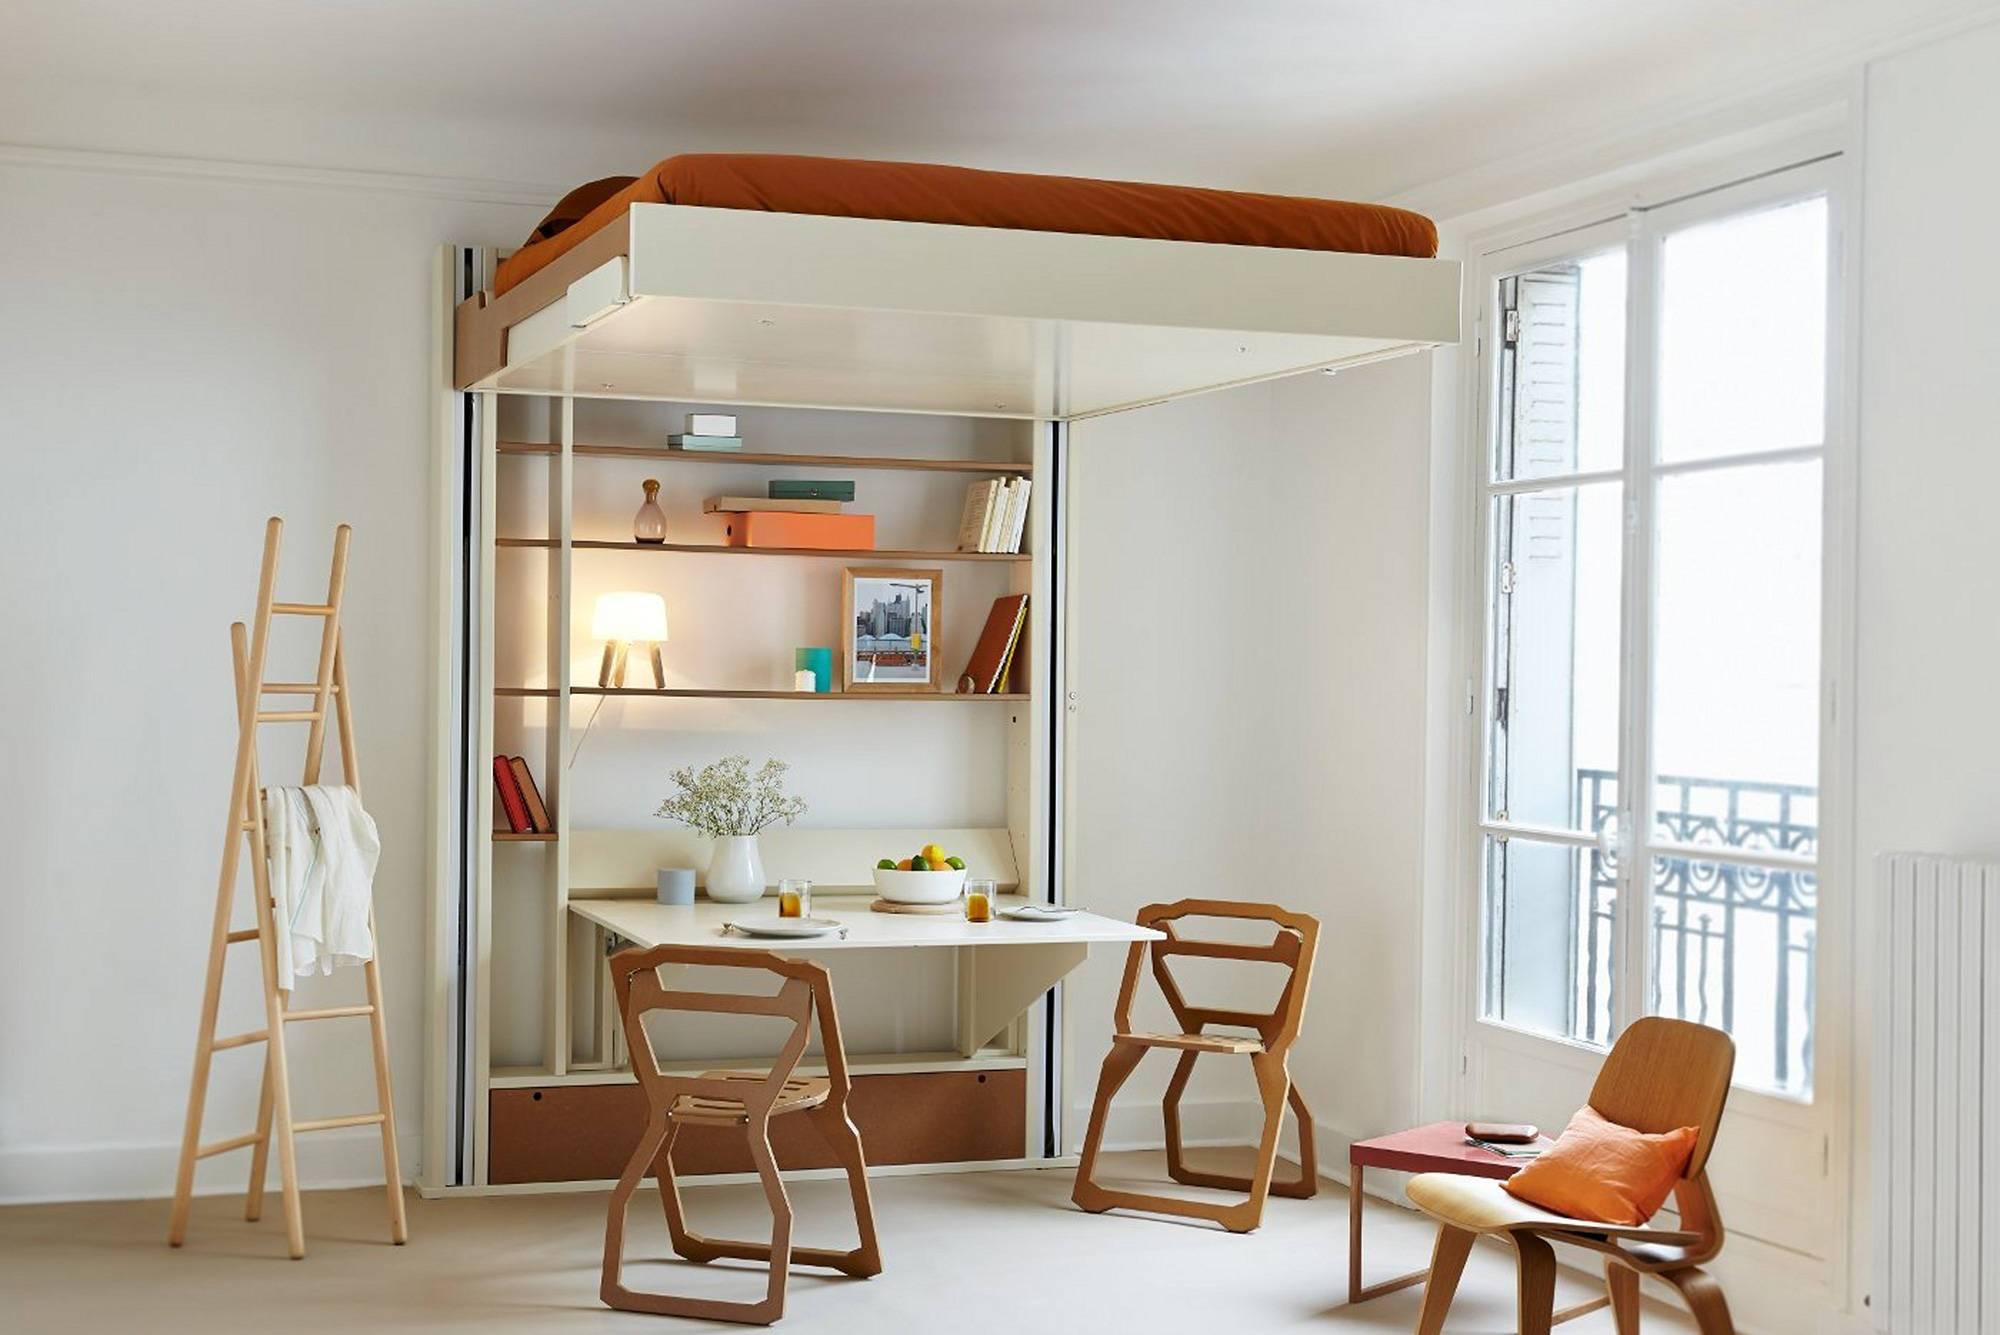 Lit escamotable plafond avec canapé